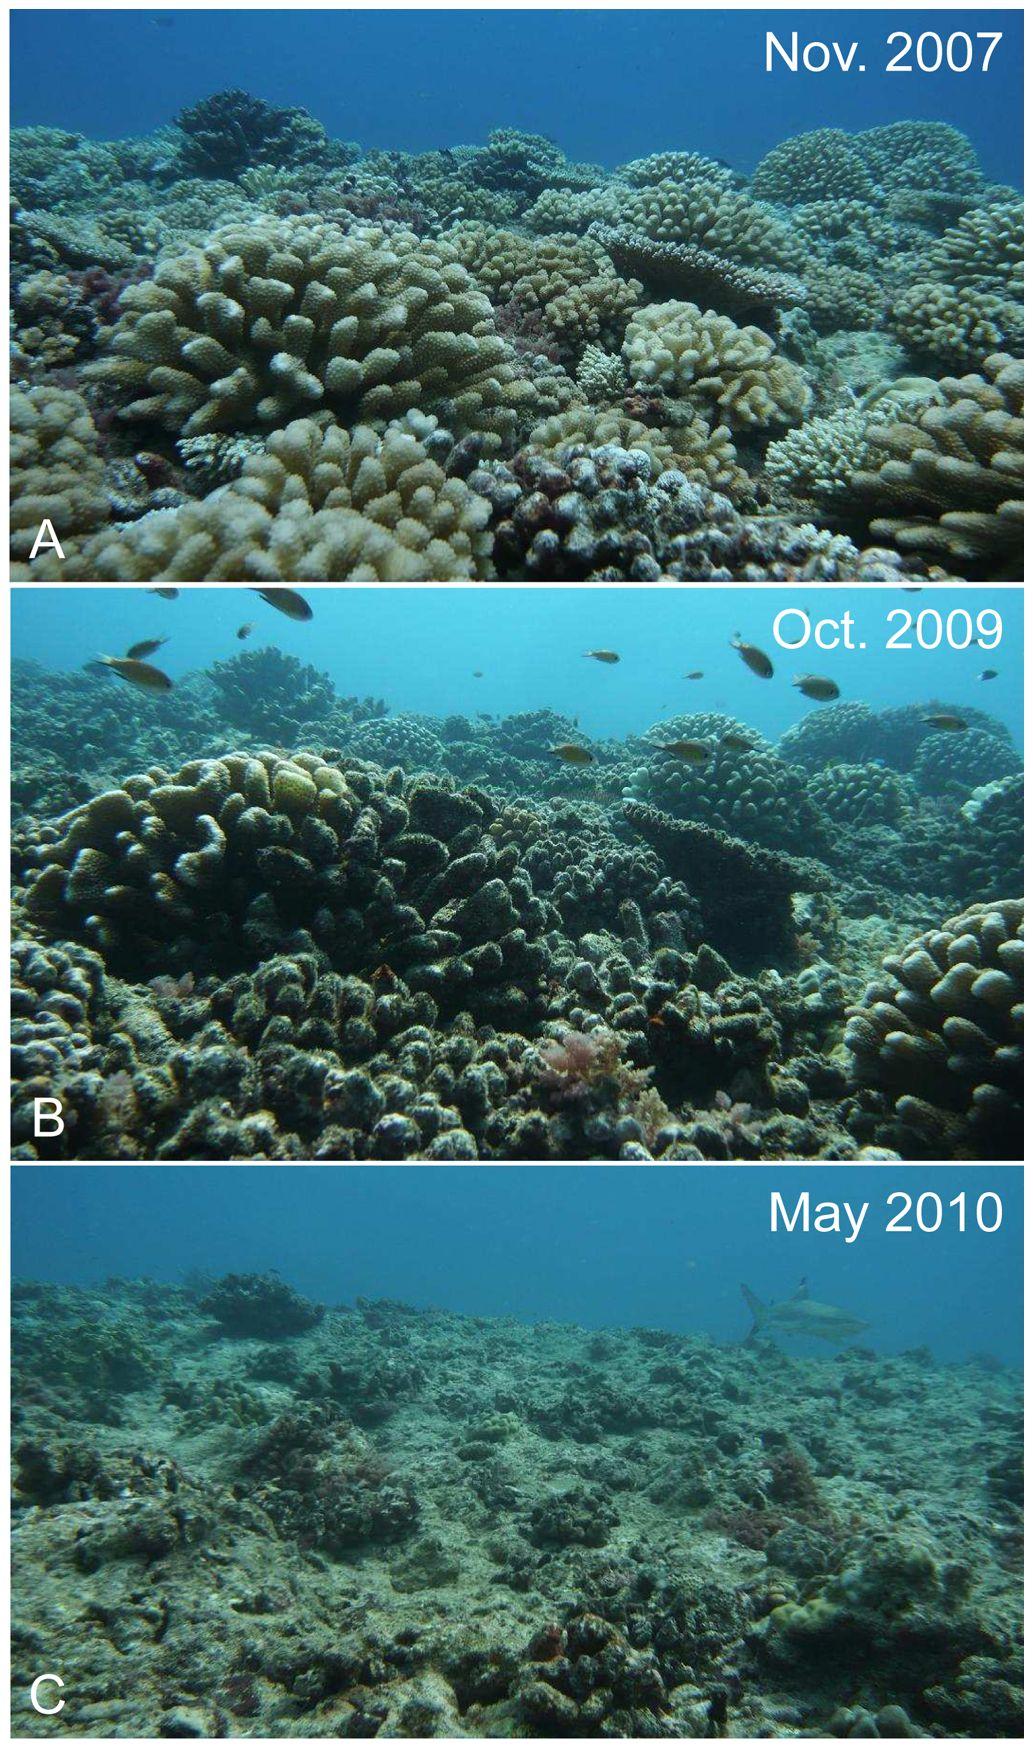 Australia S Great Barrier Reef Is In Decline From Ocean